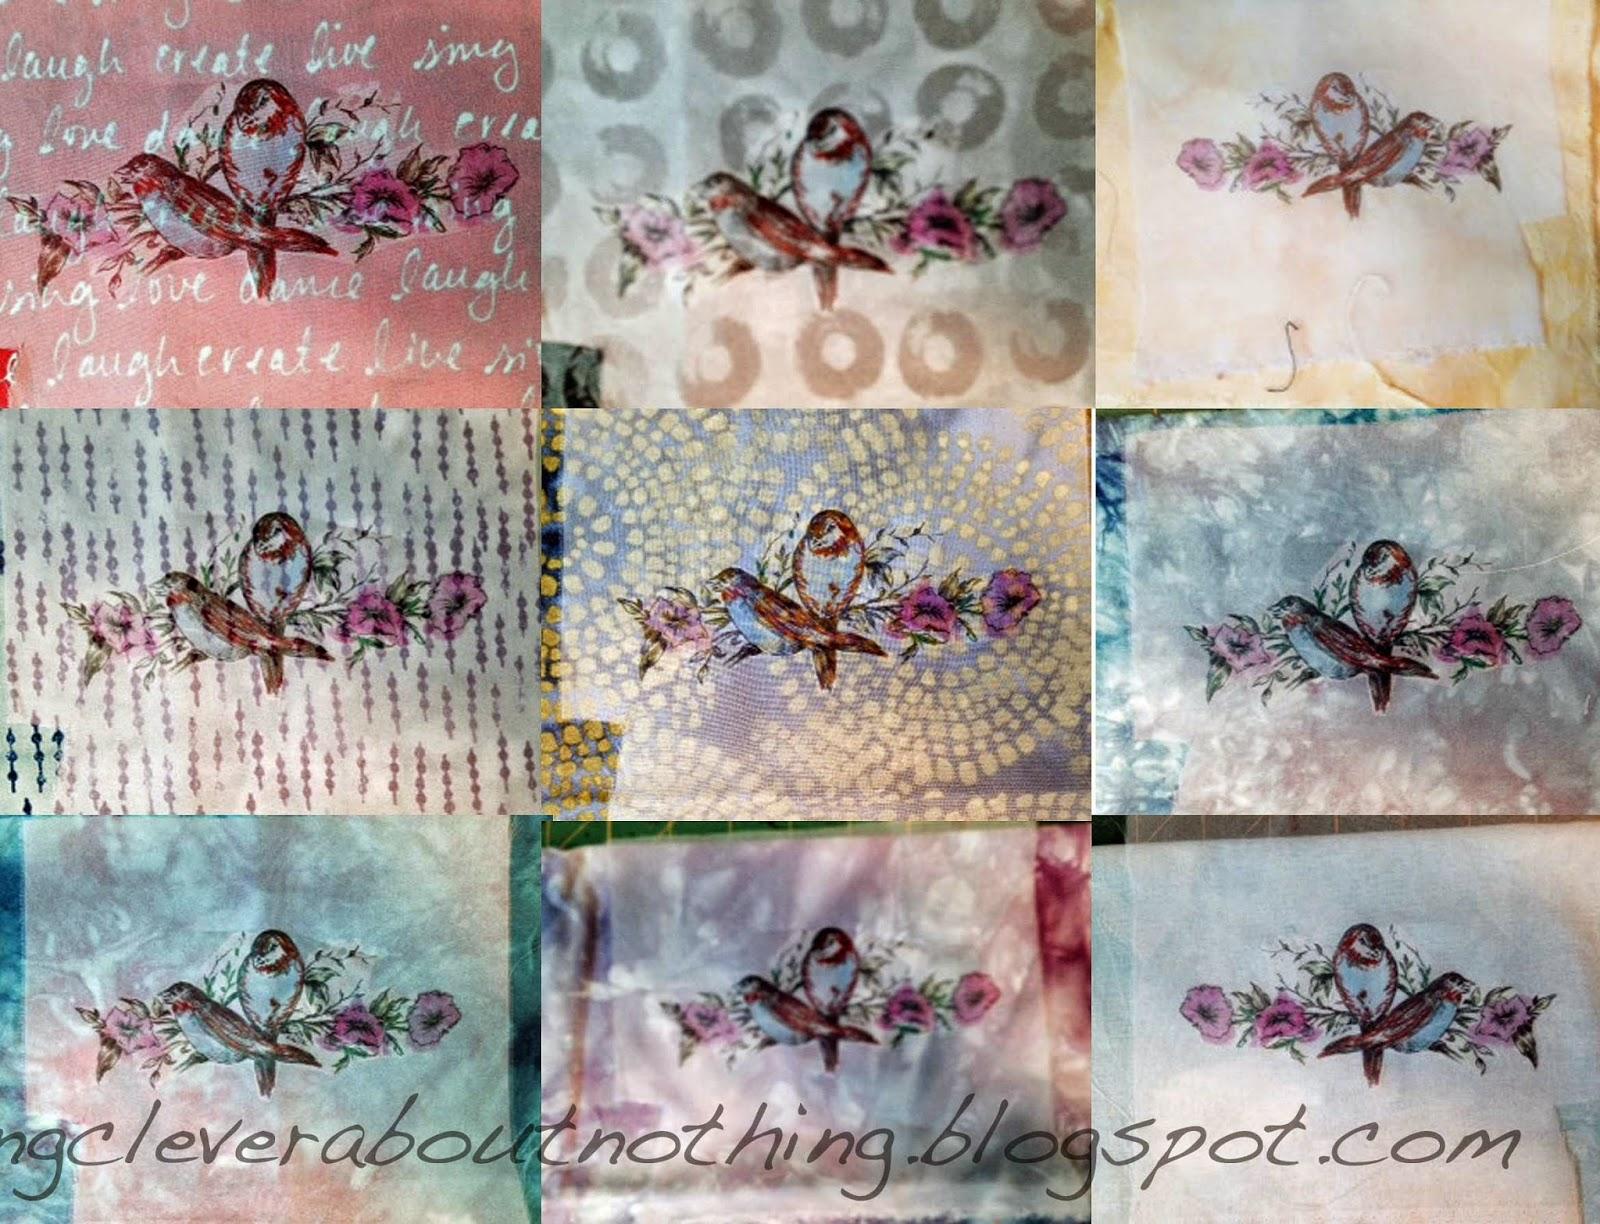 http://3.bp.blogspot.com/-Wx2zSoqb8iU/VIYUJXYNjZI/AAAAAAABDV0/pPRJzLU8ZK8/s1600/breast%2Bpockets1.jpg